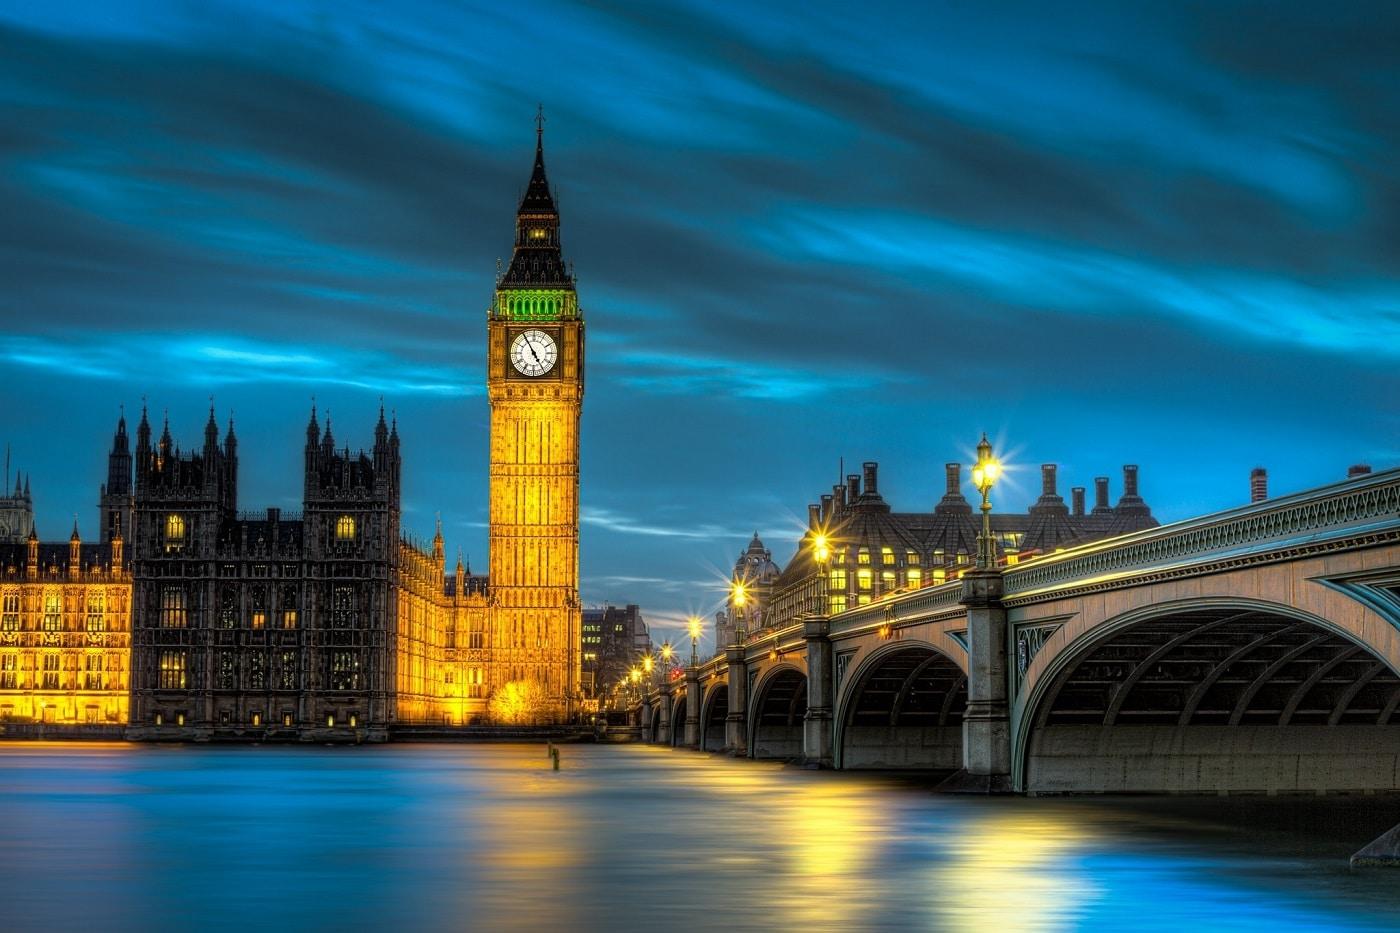 Big Ben, structura fără de care Londra nu ar mai fi aceeași